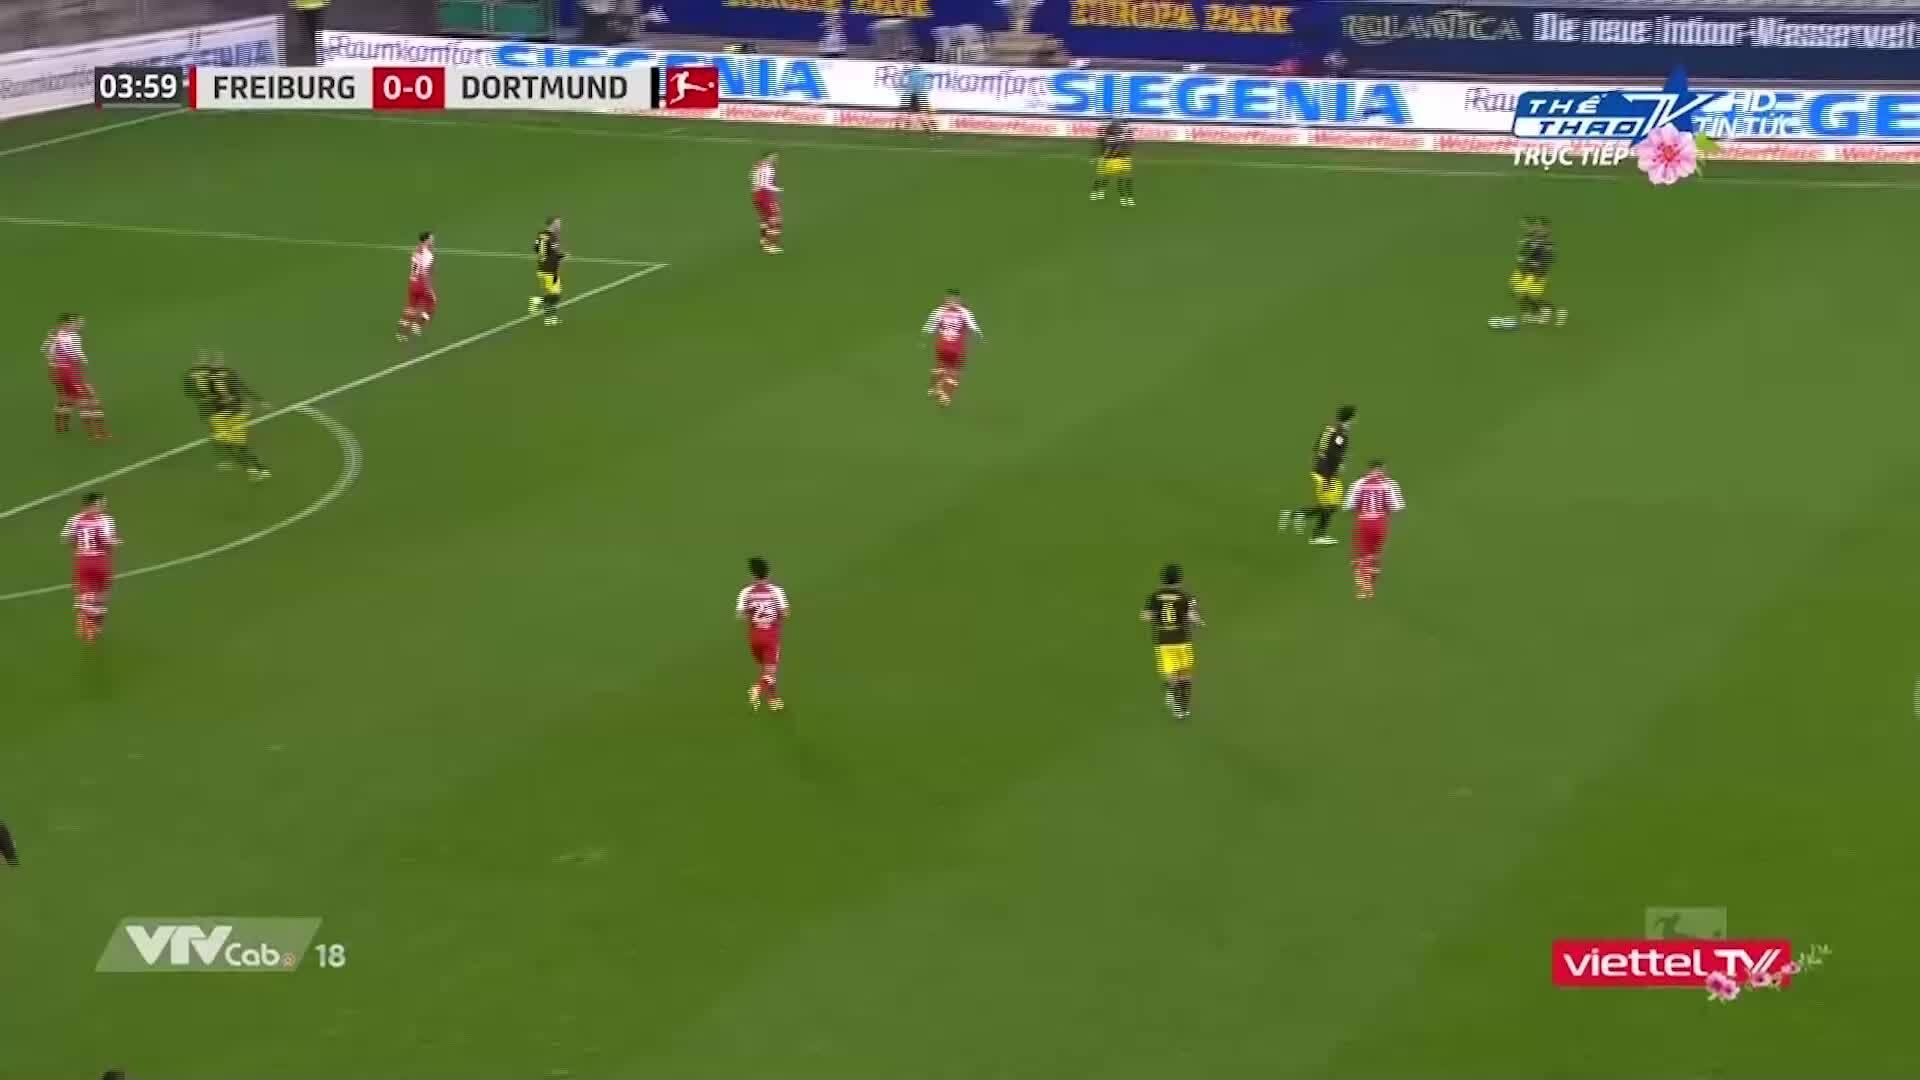 Freiburg 2-1 Dortmund